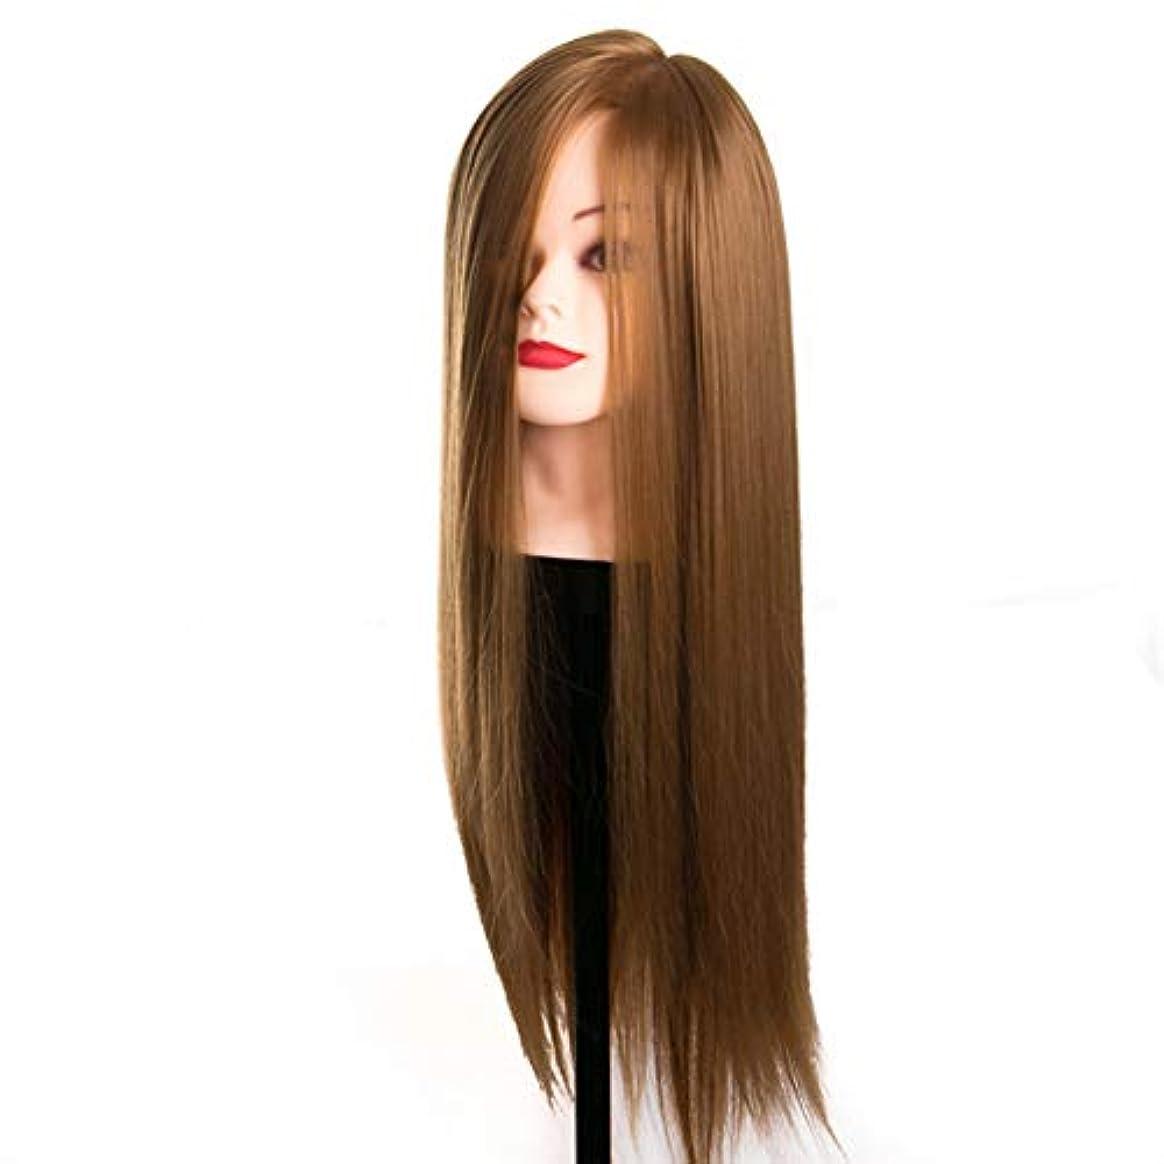 ノーブルウェイターセイはさておきメイクディスクヘアスタイリング編み教育ダミーヘッド理髪ヘアカットトレーニングかつらサロンエクササイズヘッド金型3個